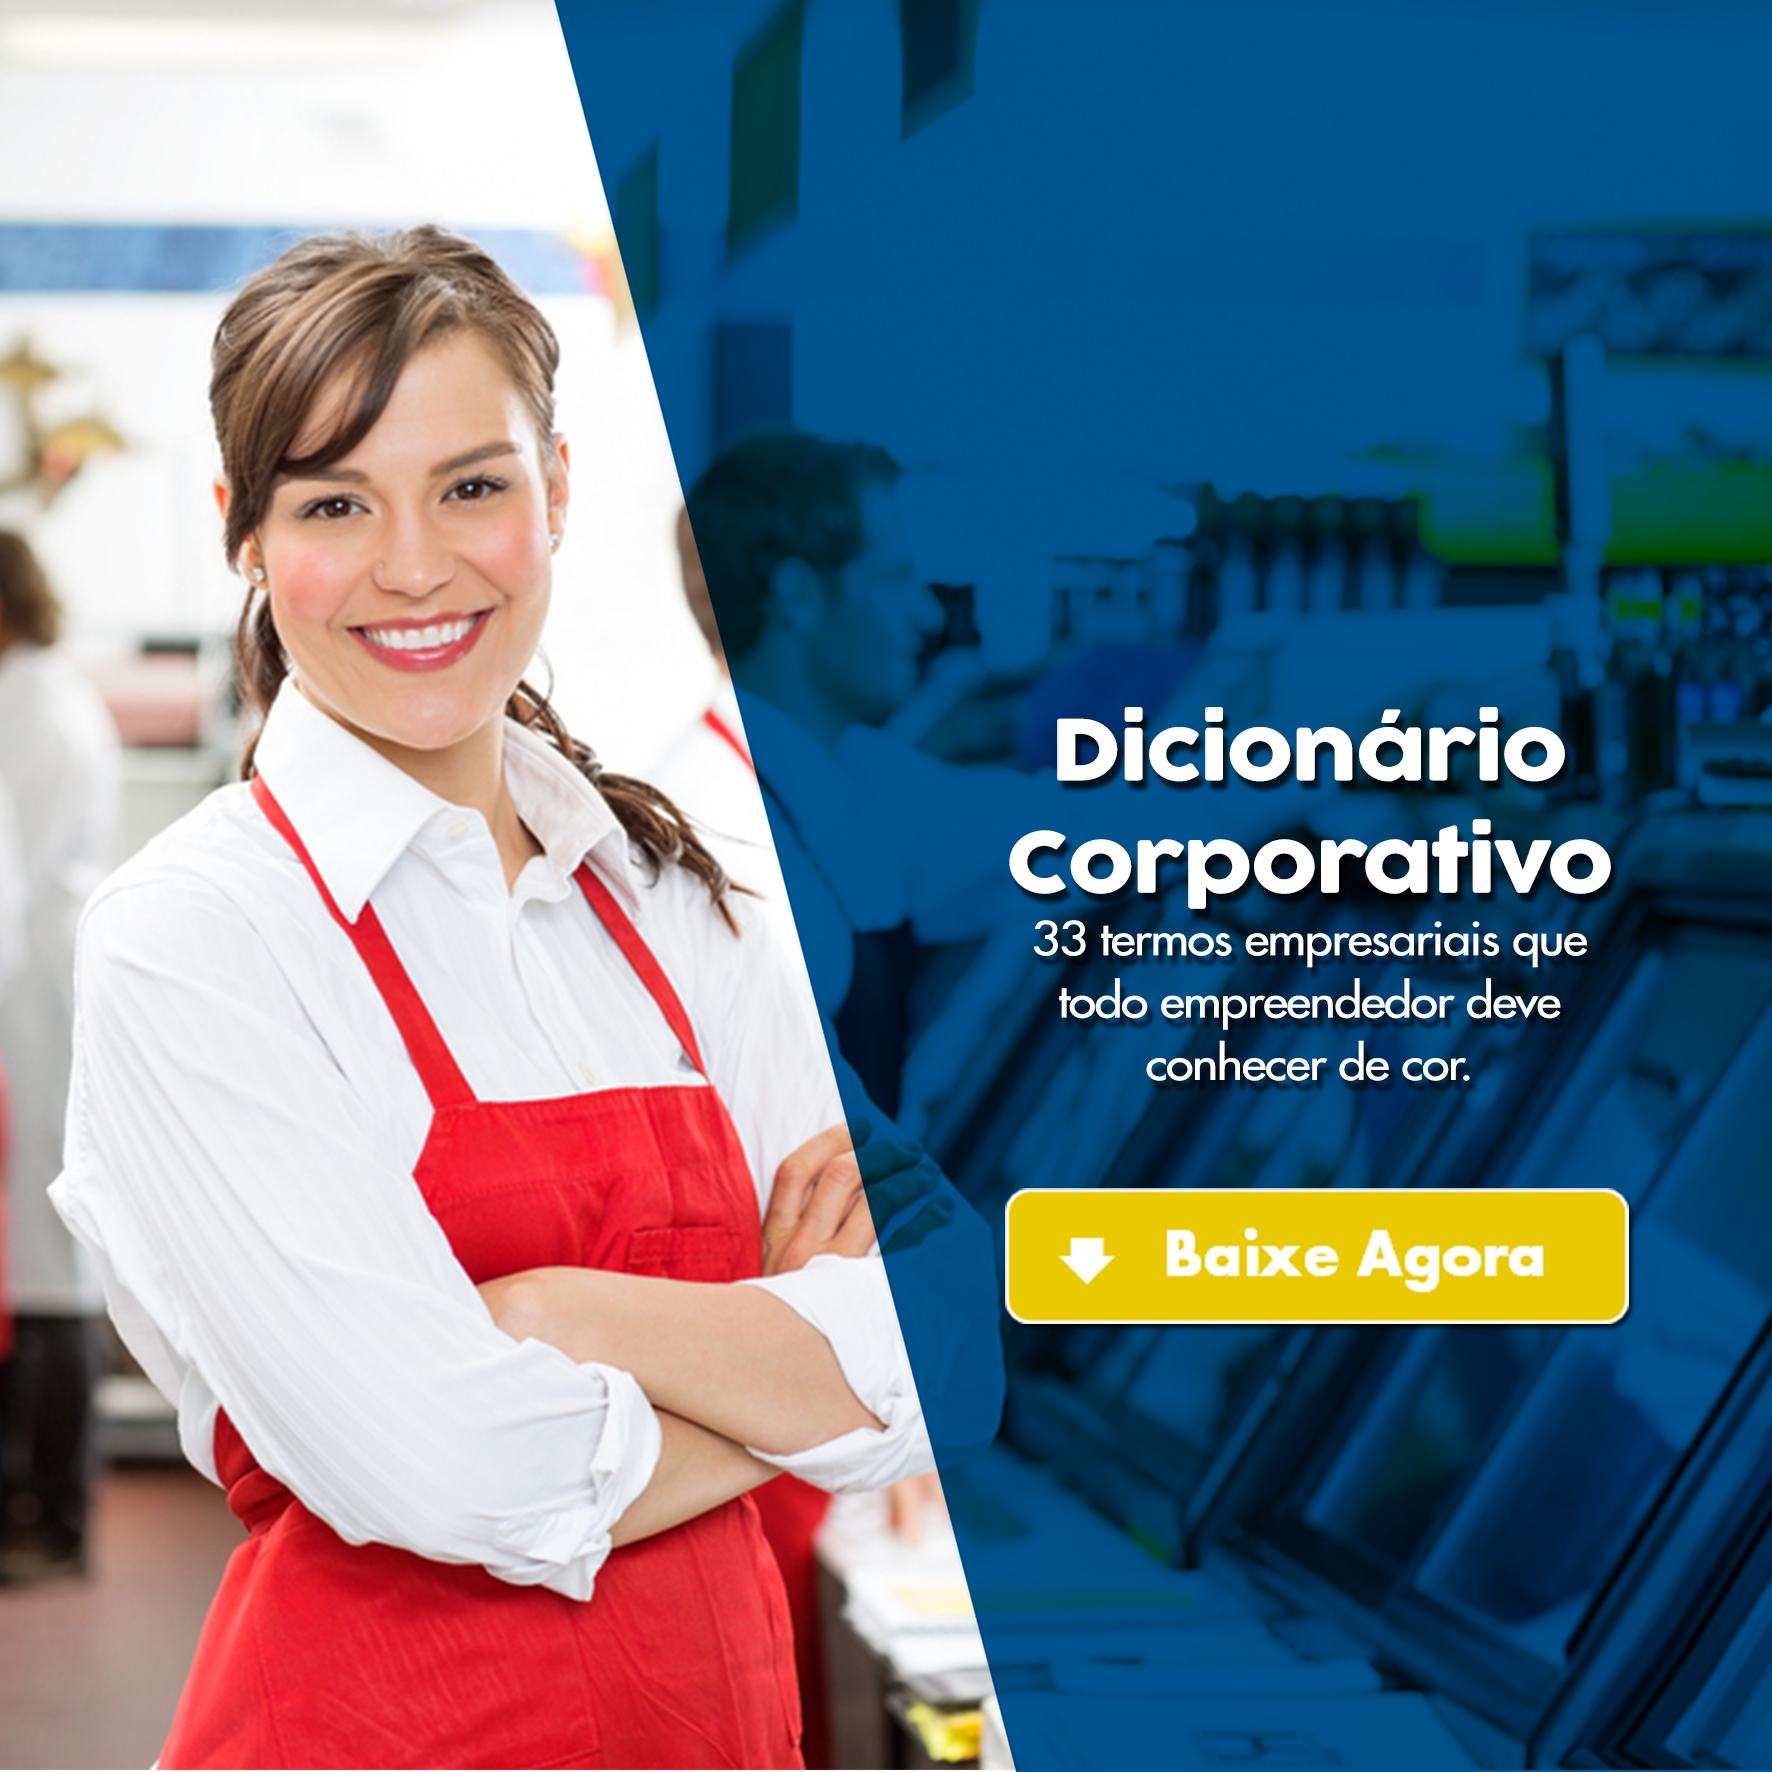 dicionario corporativo